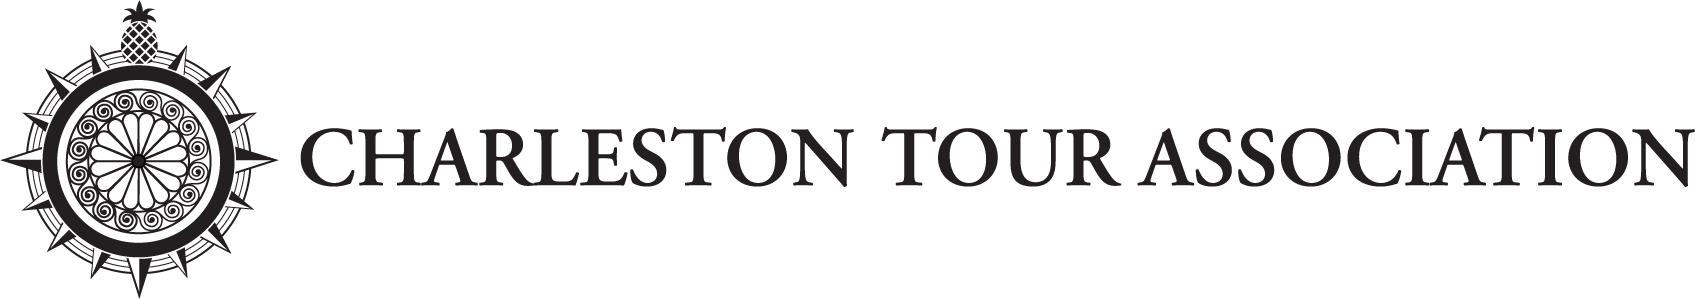 Charleston Tour Association